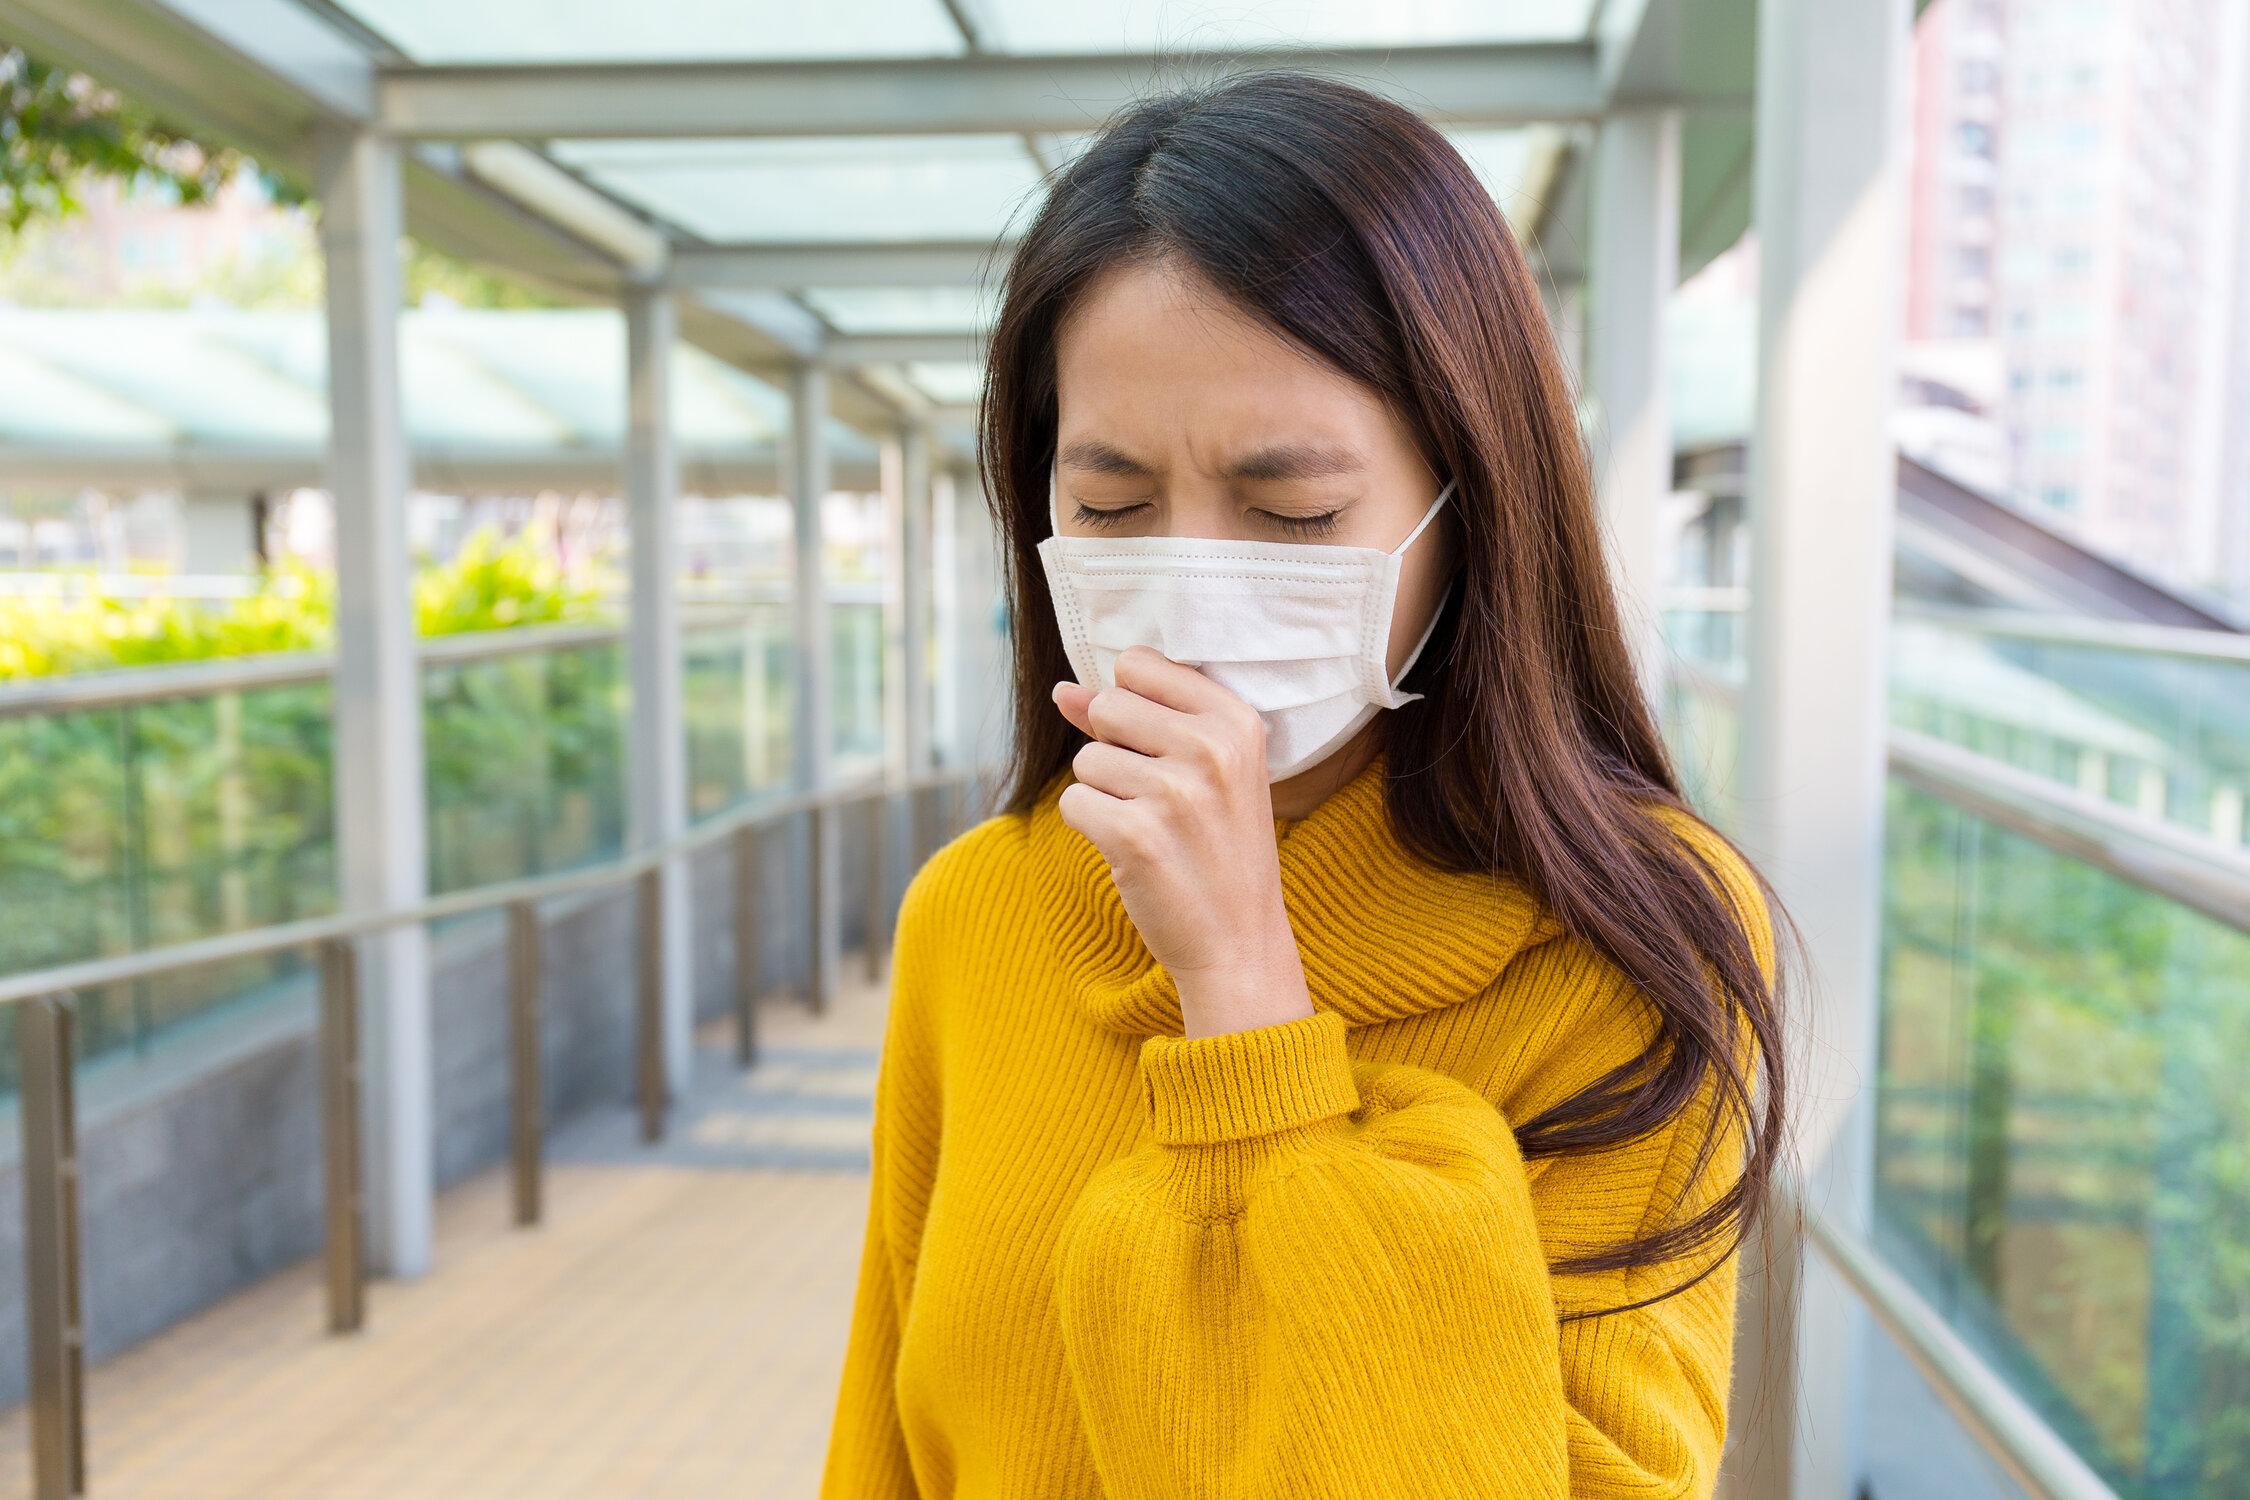 Вредна ли е дезинфекцията за нашето здраве?